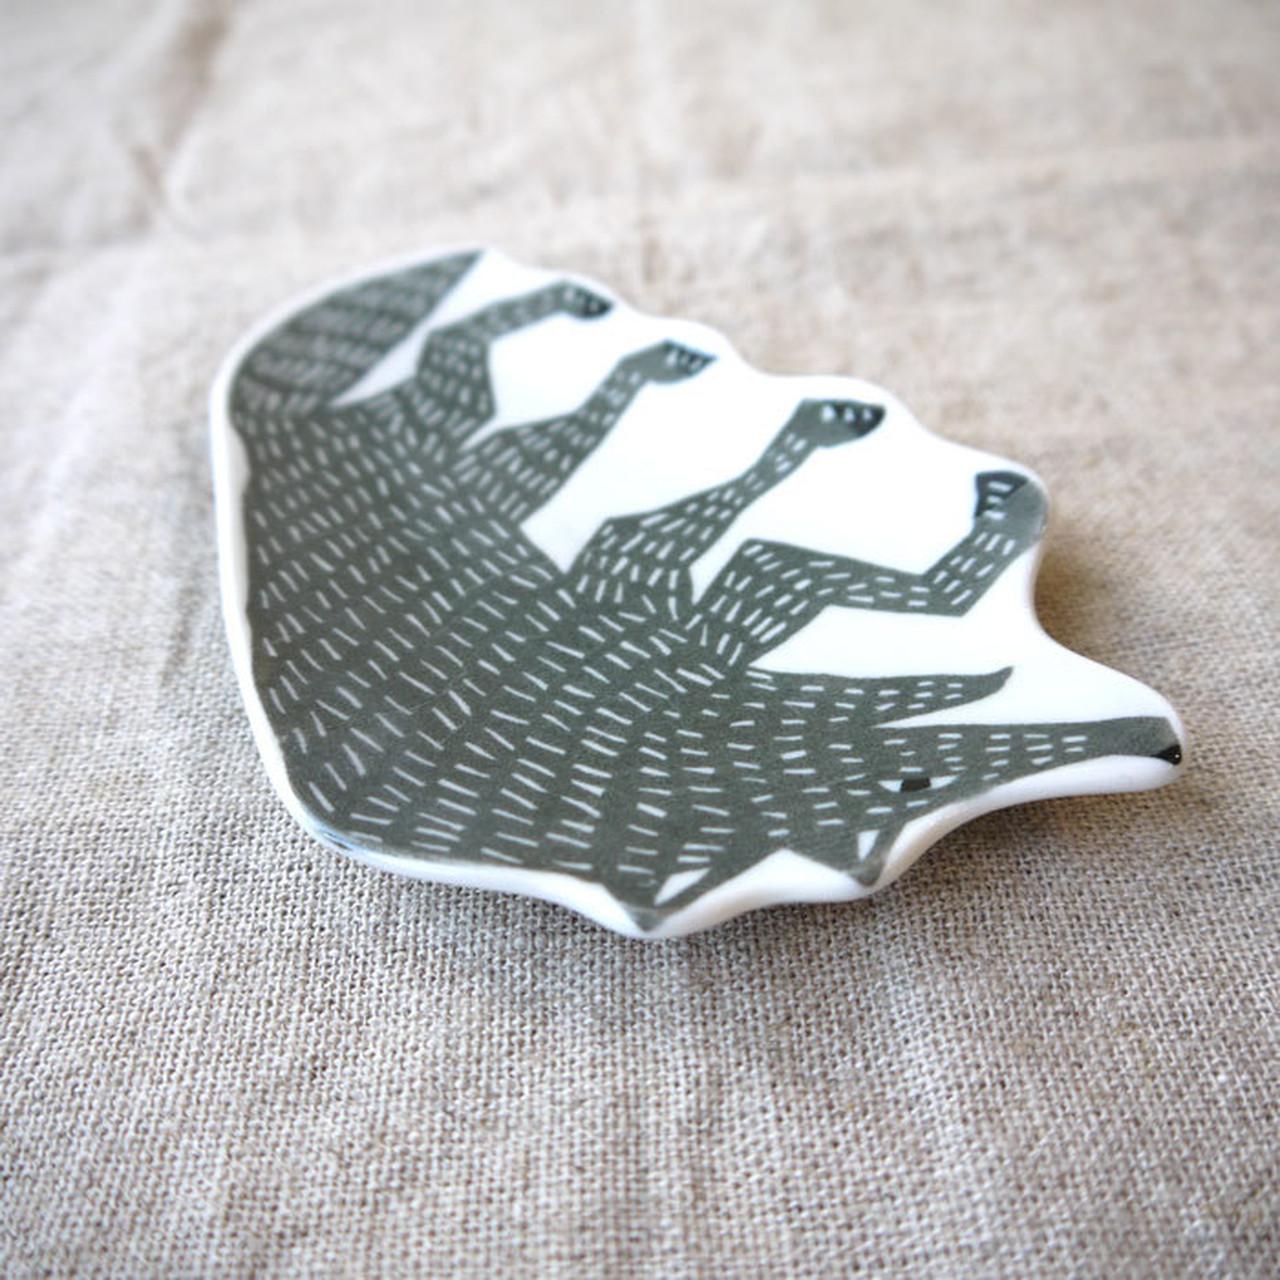 【倉敷意匠計画室×katakata】 印判手豆皿 オオカミ グレー